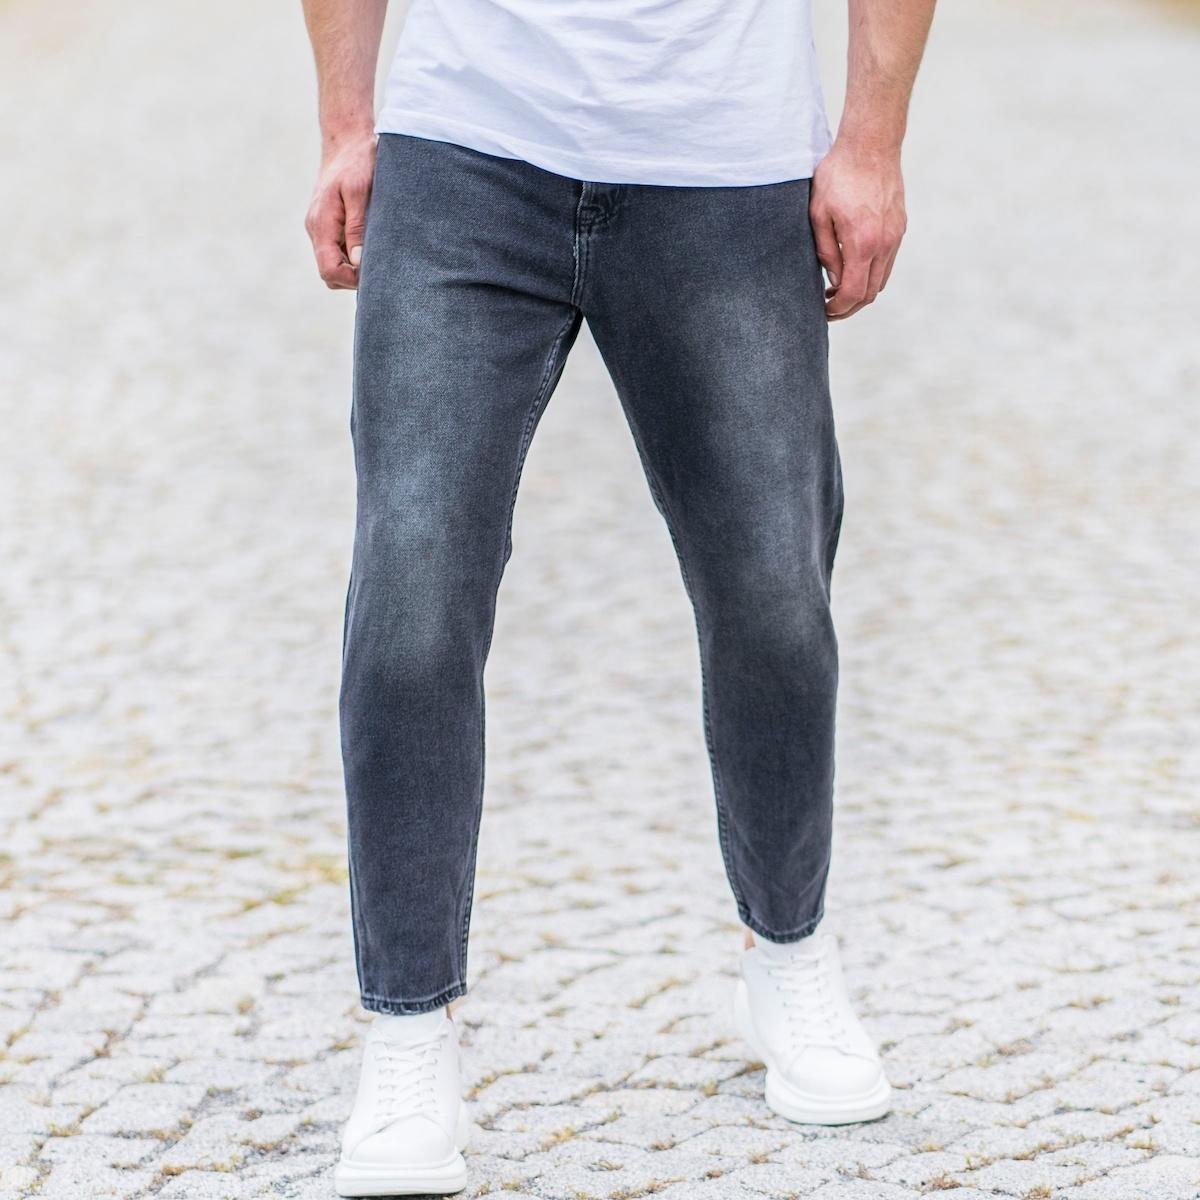 Erkek Taşlamalı Dar Paça Füme Kot Pantolon